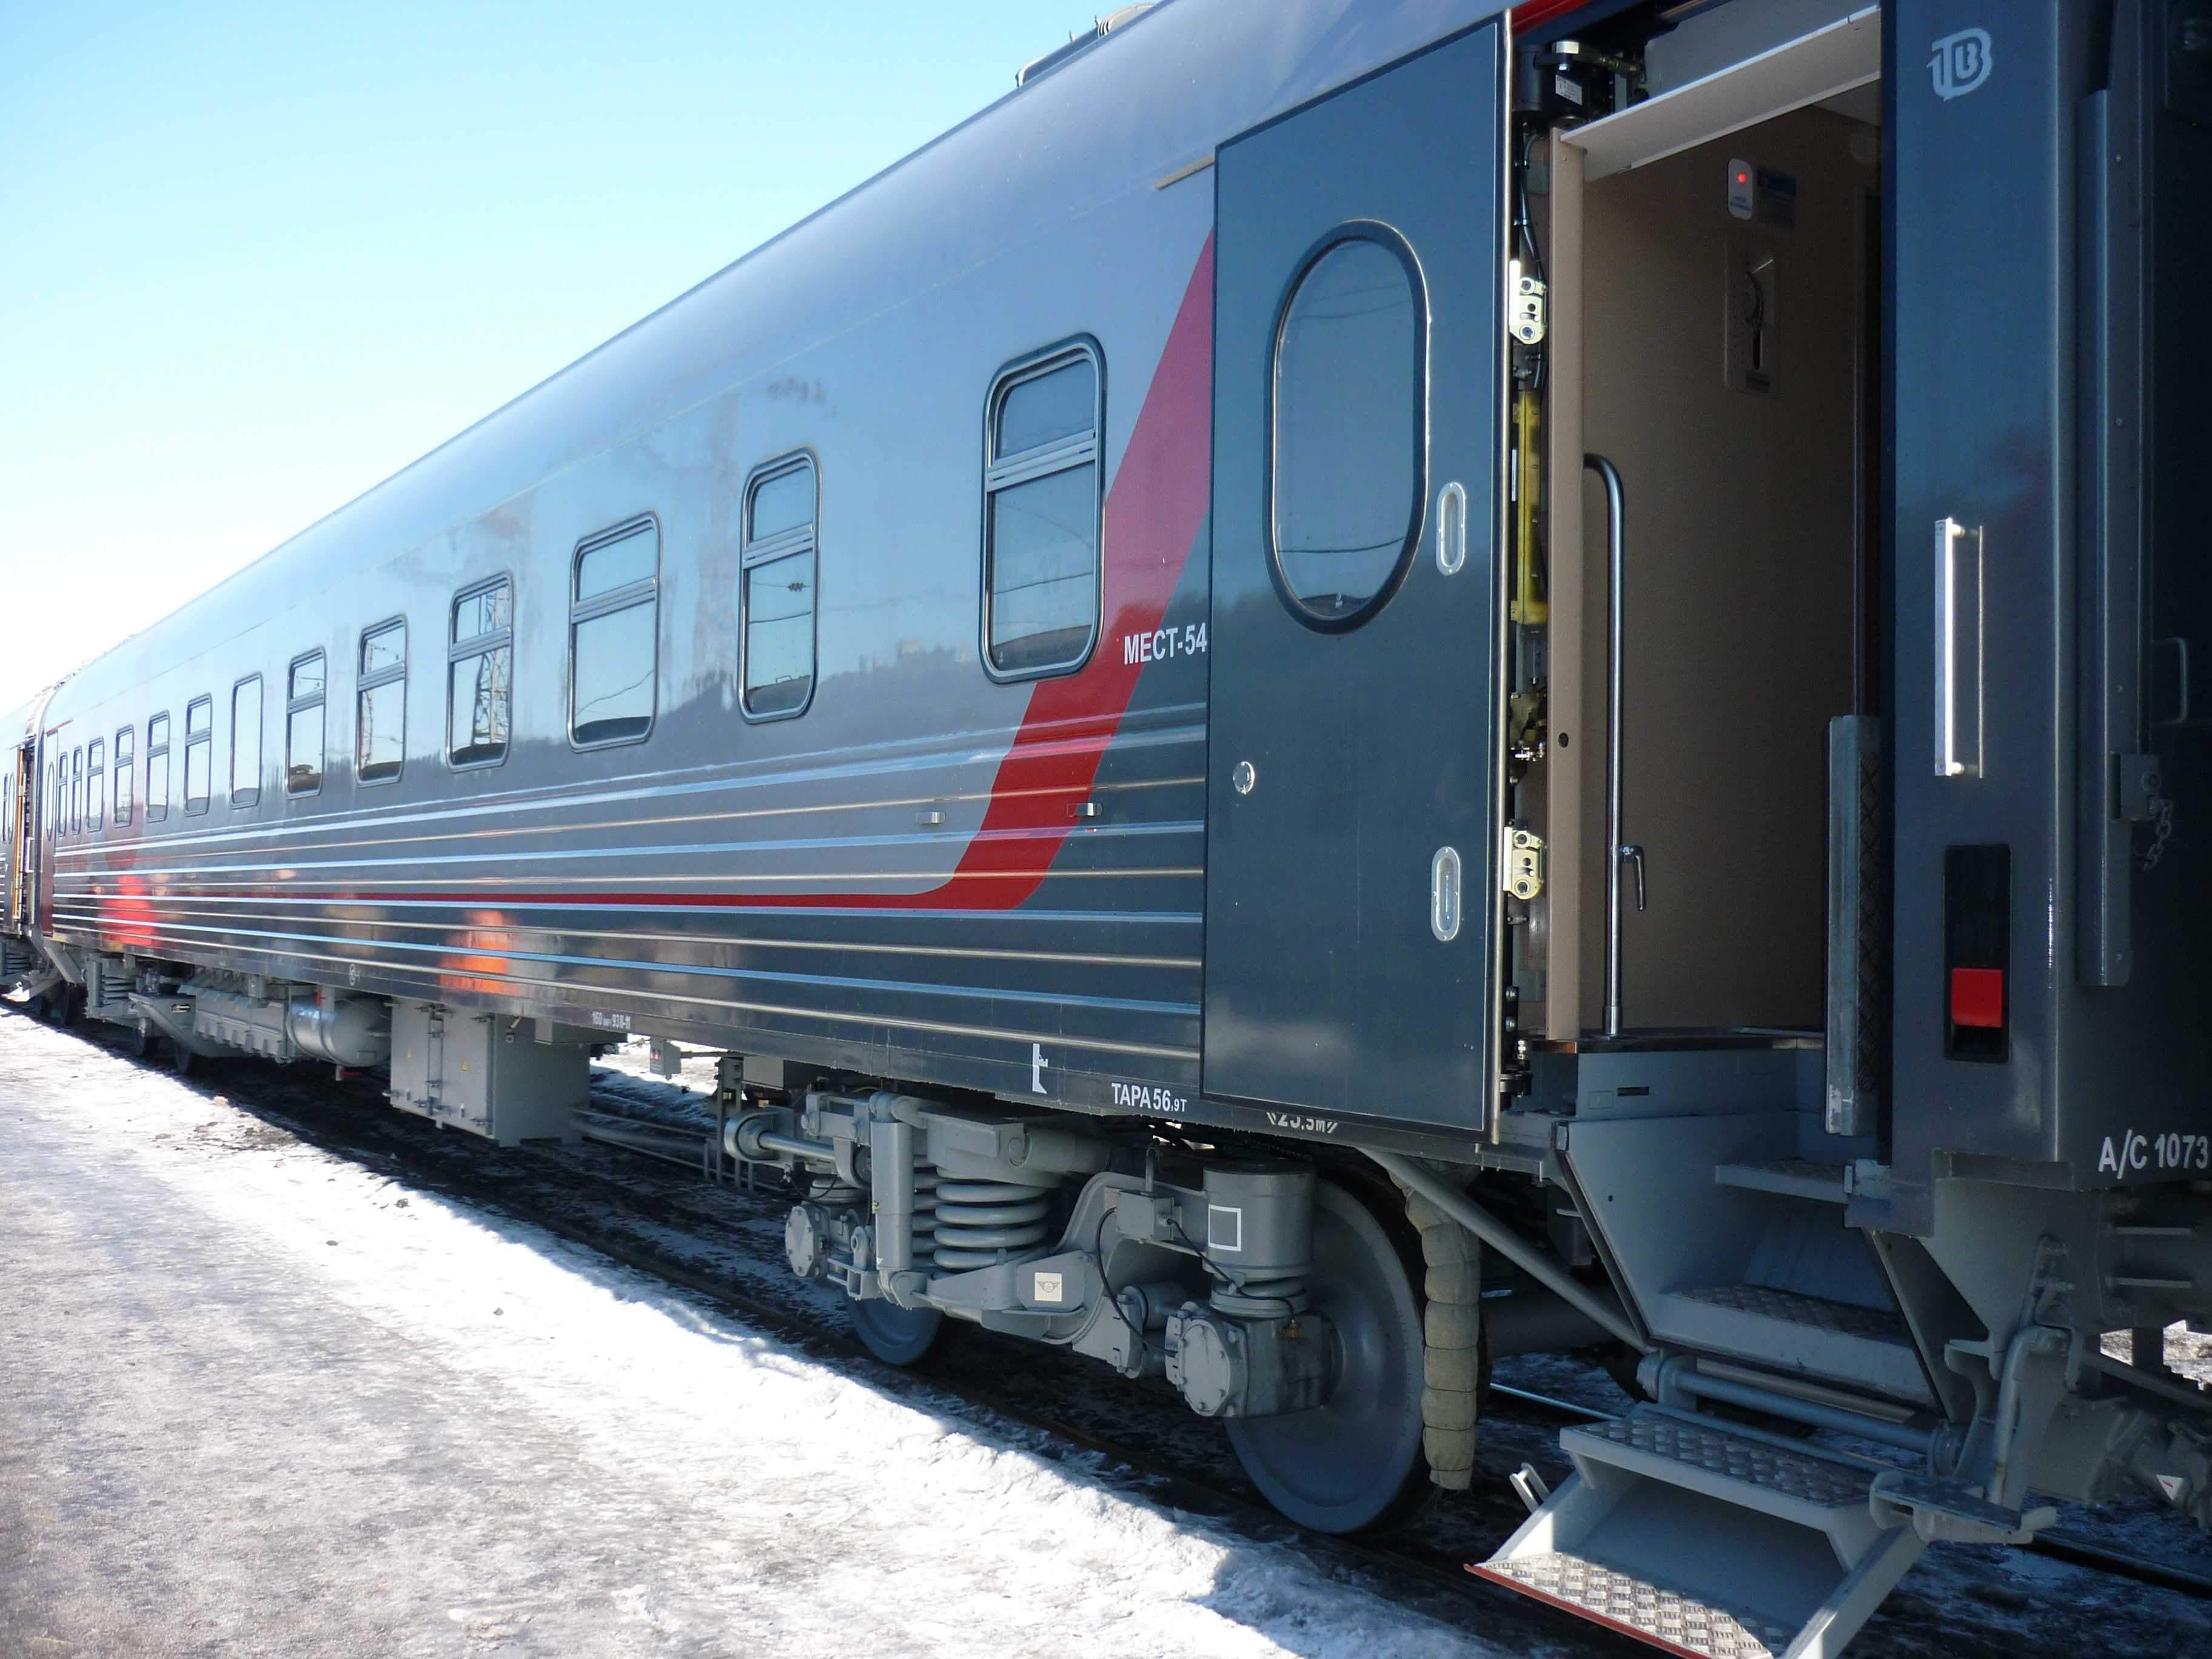 С 14 декабря 2014 года начинает ежедневное курсирование скорый поезд  №9/10  Киров - Нижний Новгород.